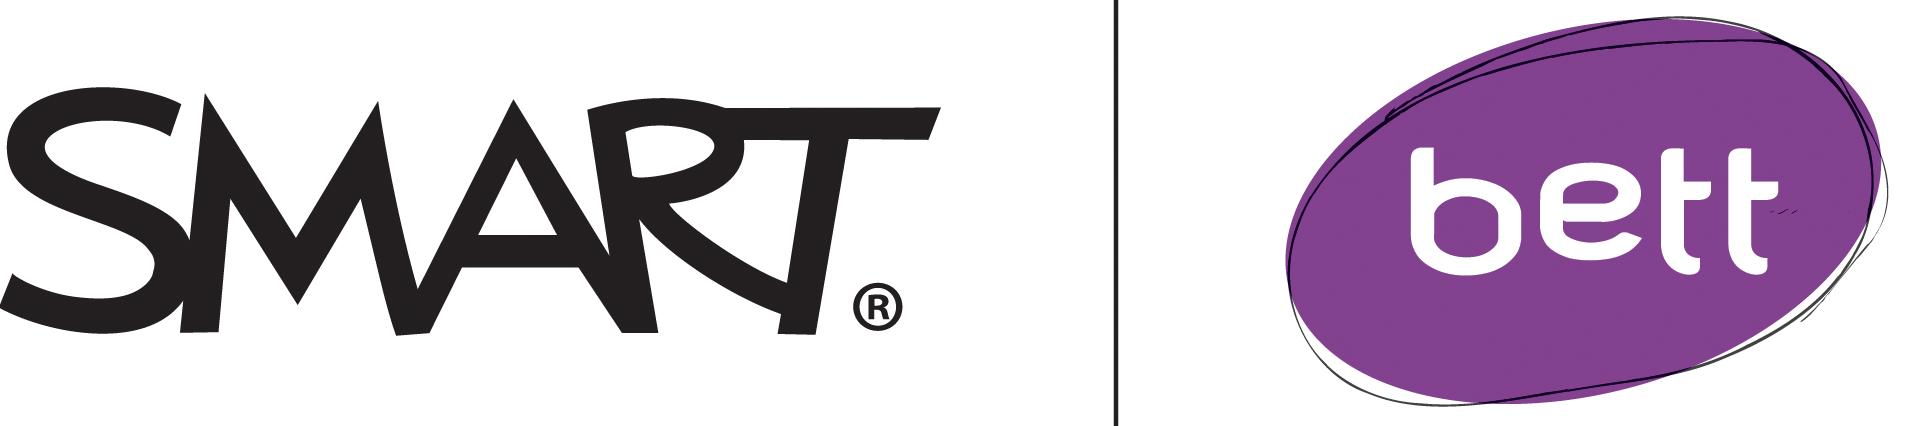 Smar-BETT_logo_2018-1.png